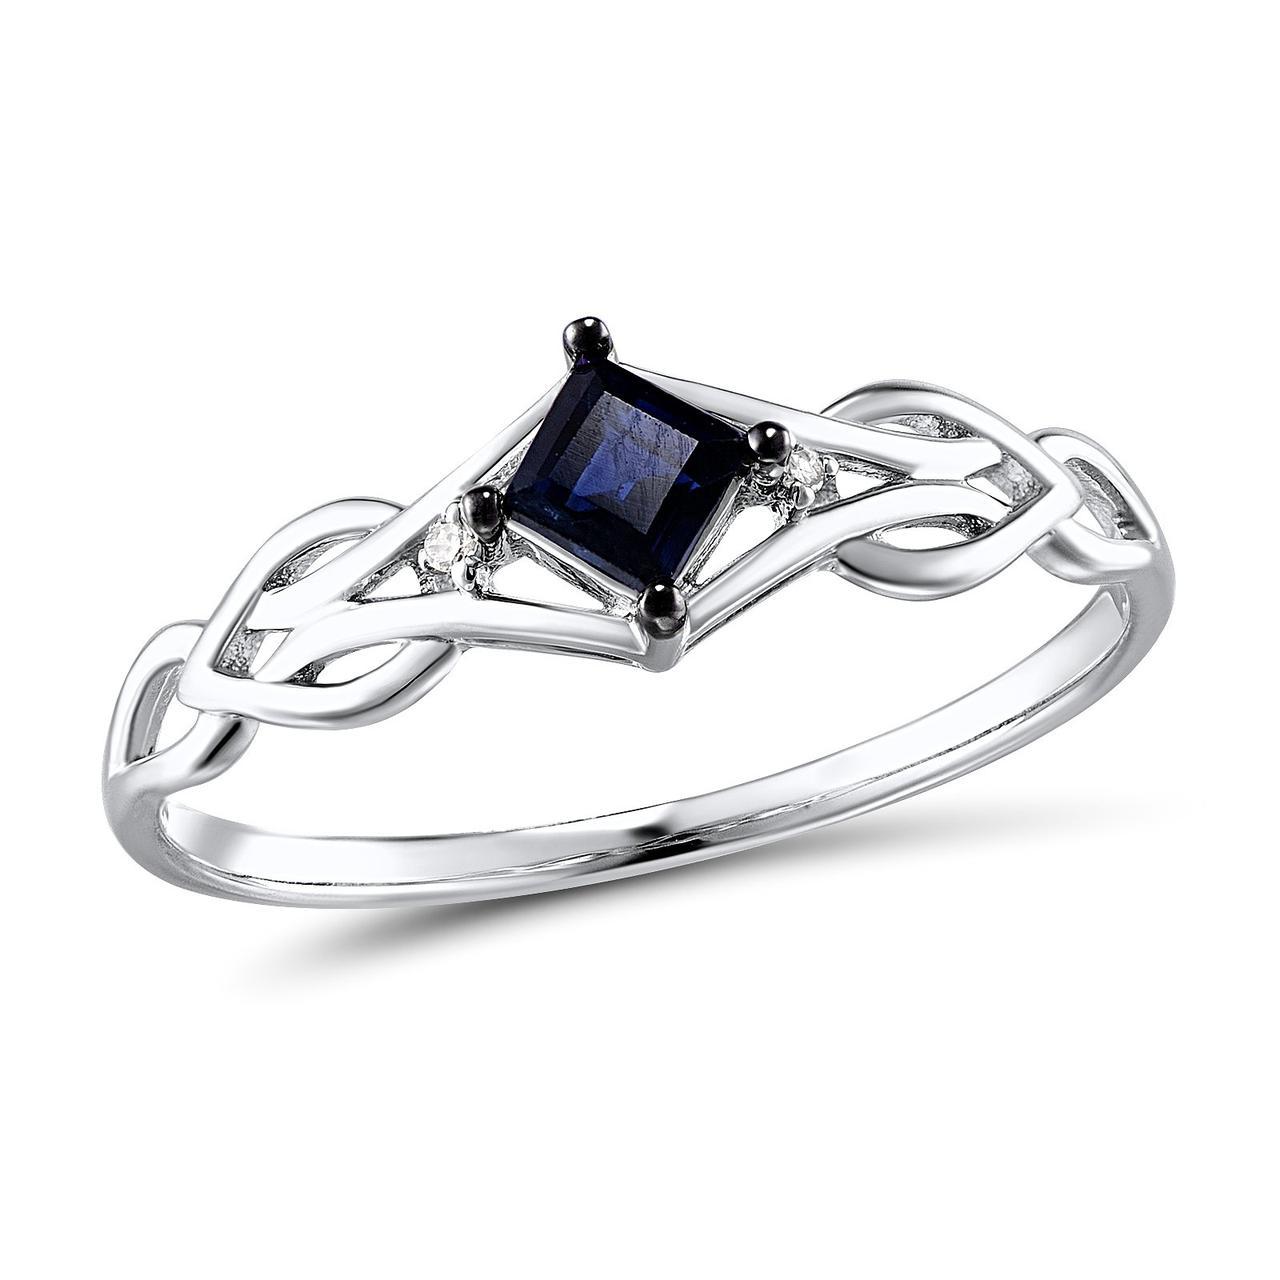 Золотое кольцо с бриллиантами и сапфиром, размер 15.5 (259059)